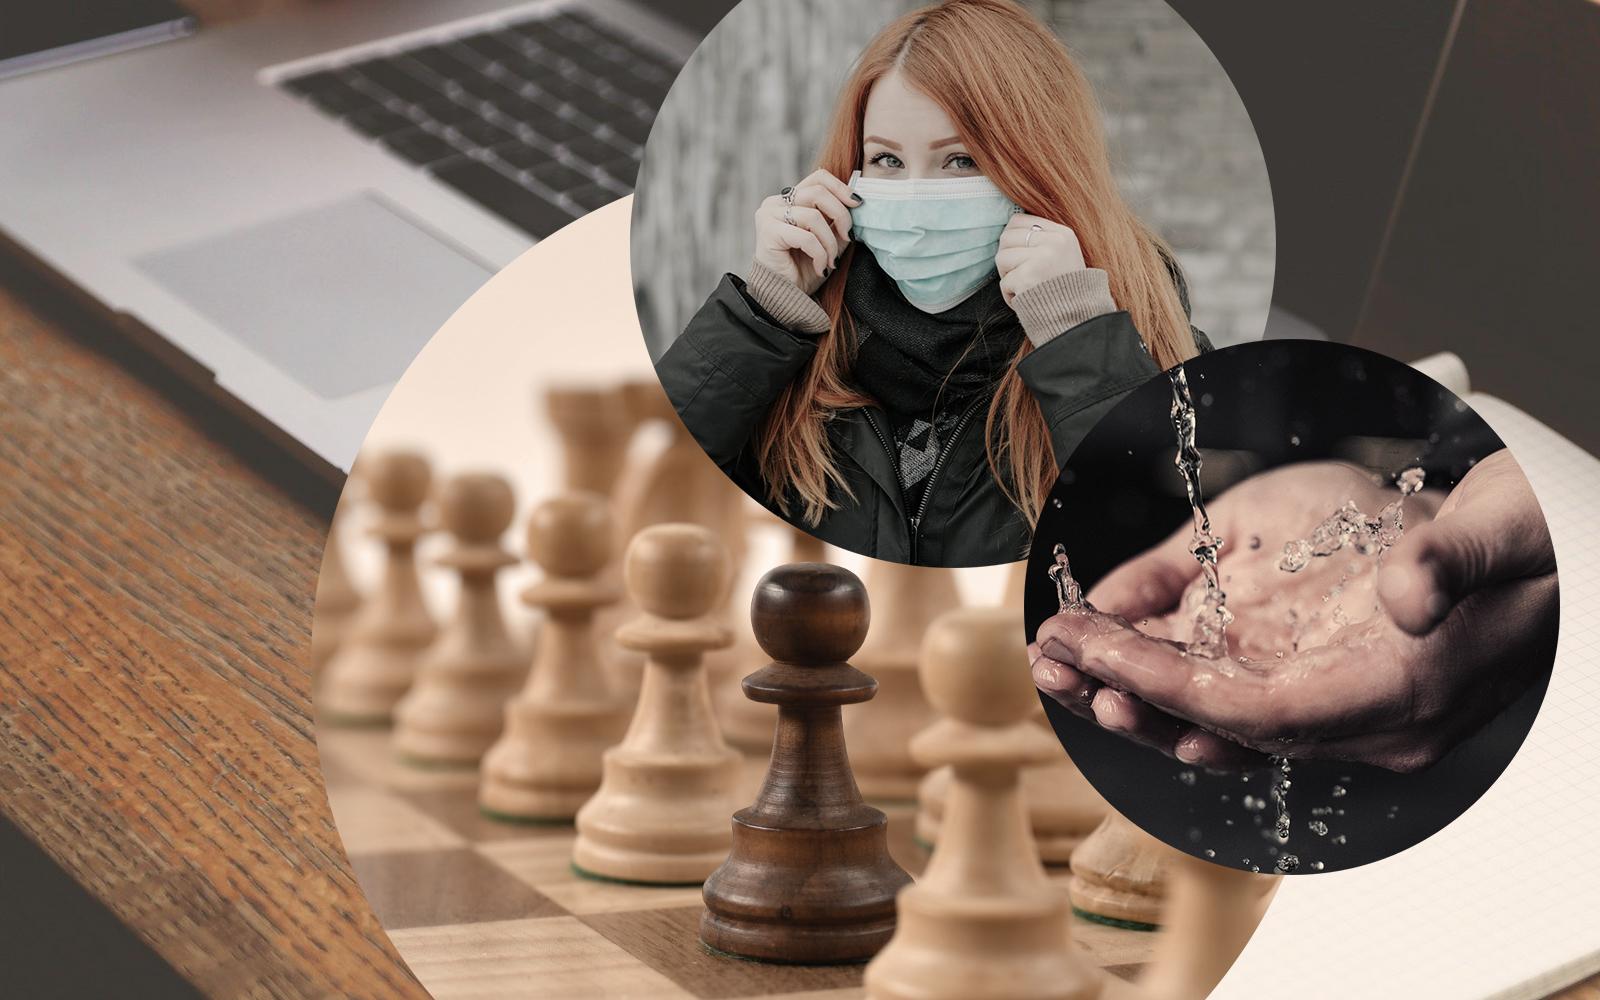 Bild einer Frau mit Maske zum Schnutz vor dem Coronavirus, ein Laptops sowie ein Schachbrett und ein Bild von Händen, die gewaschen werden